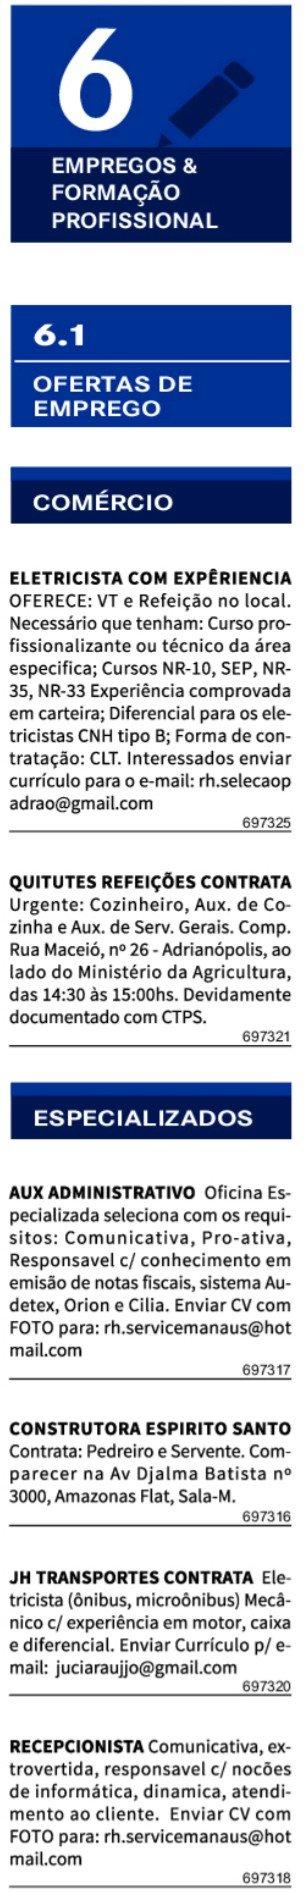 IMG 20201125 113931 - Classificados Jornal Acrítica Quarta Feira